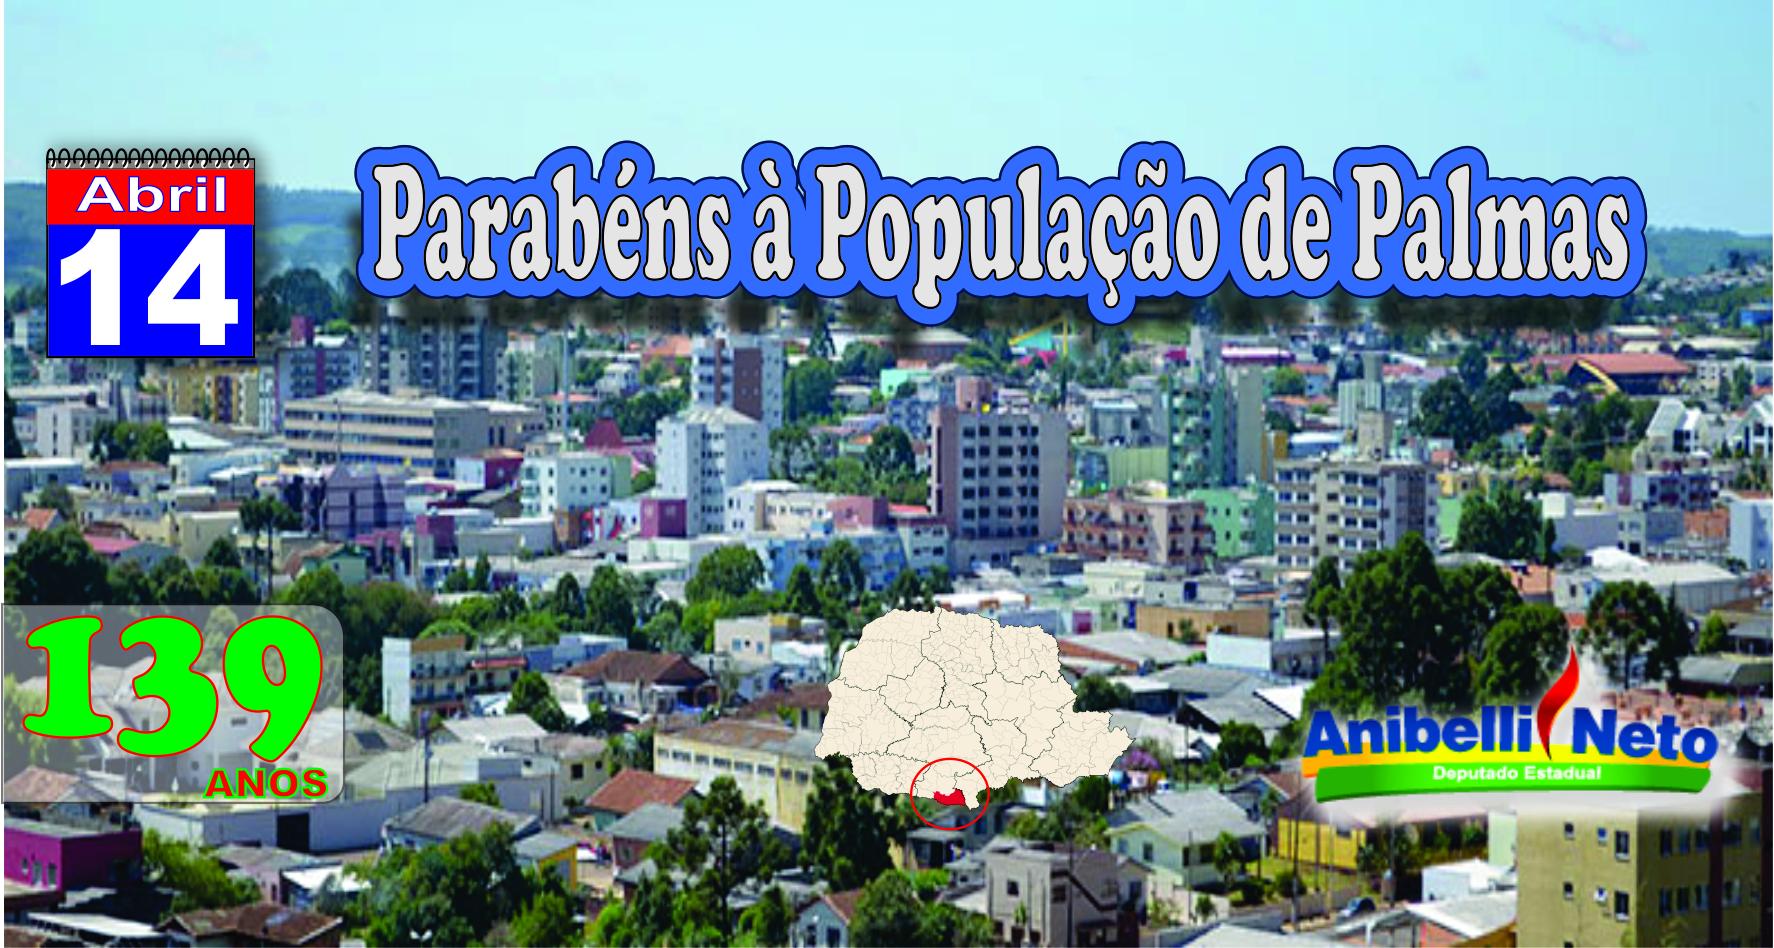 Parabéns à População de Palmas